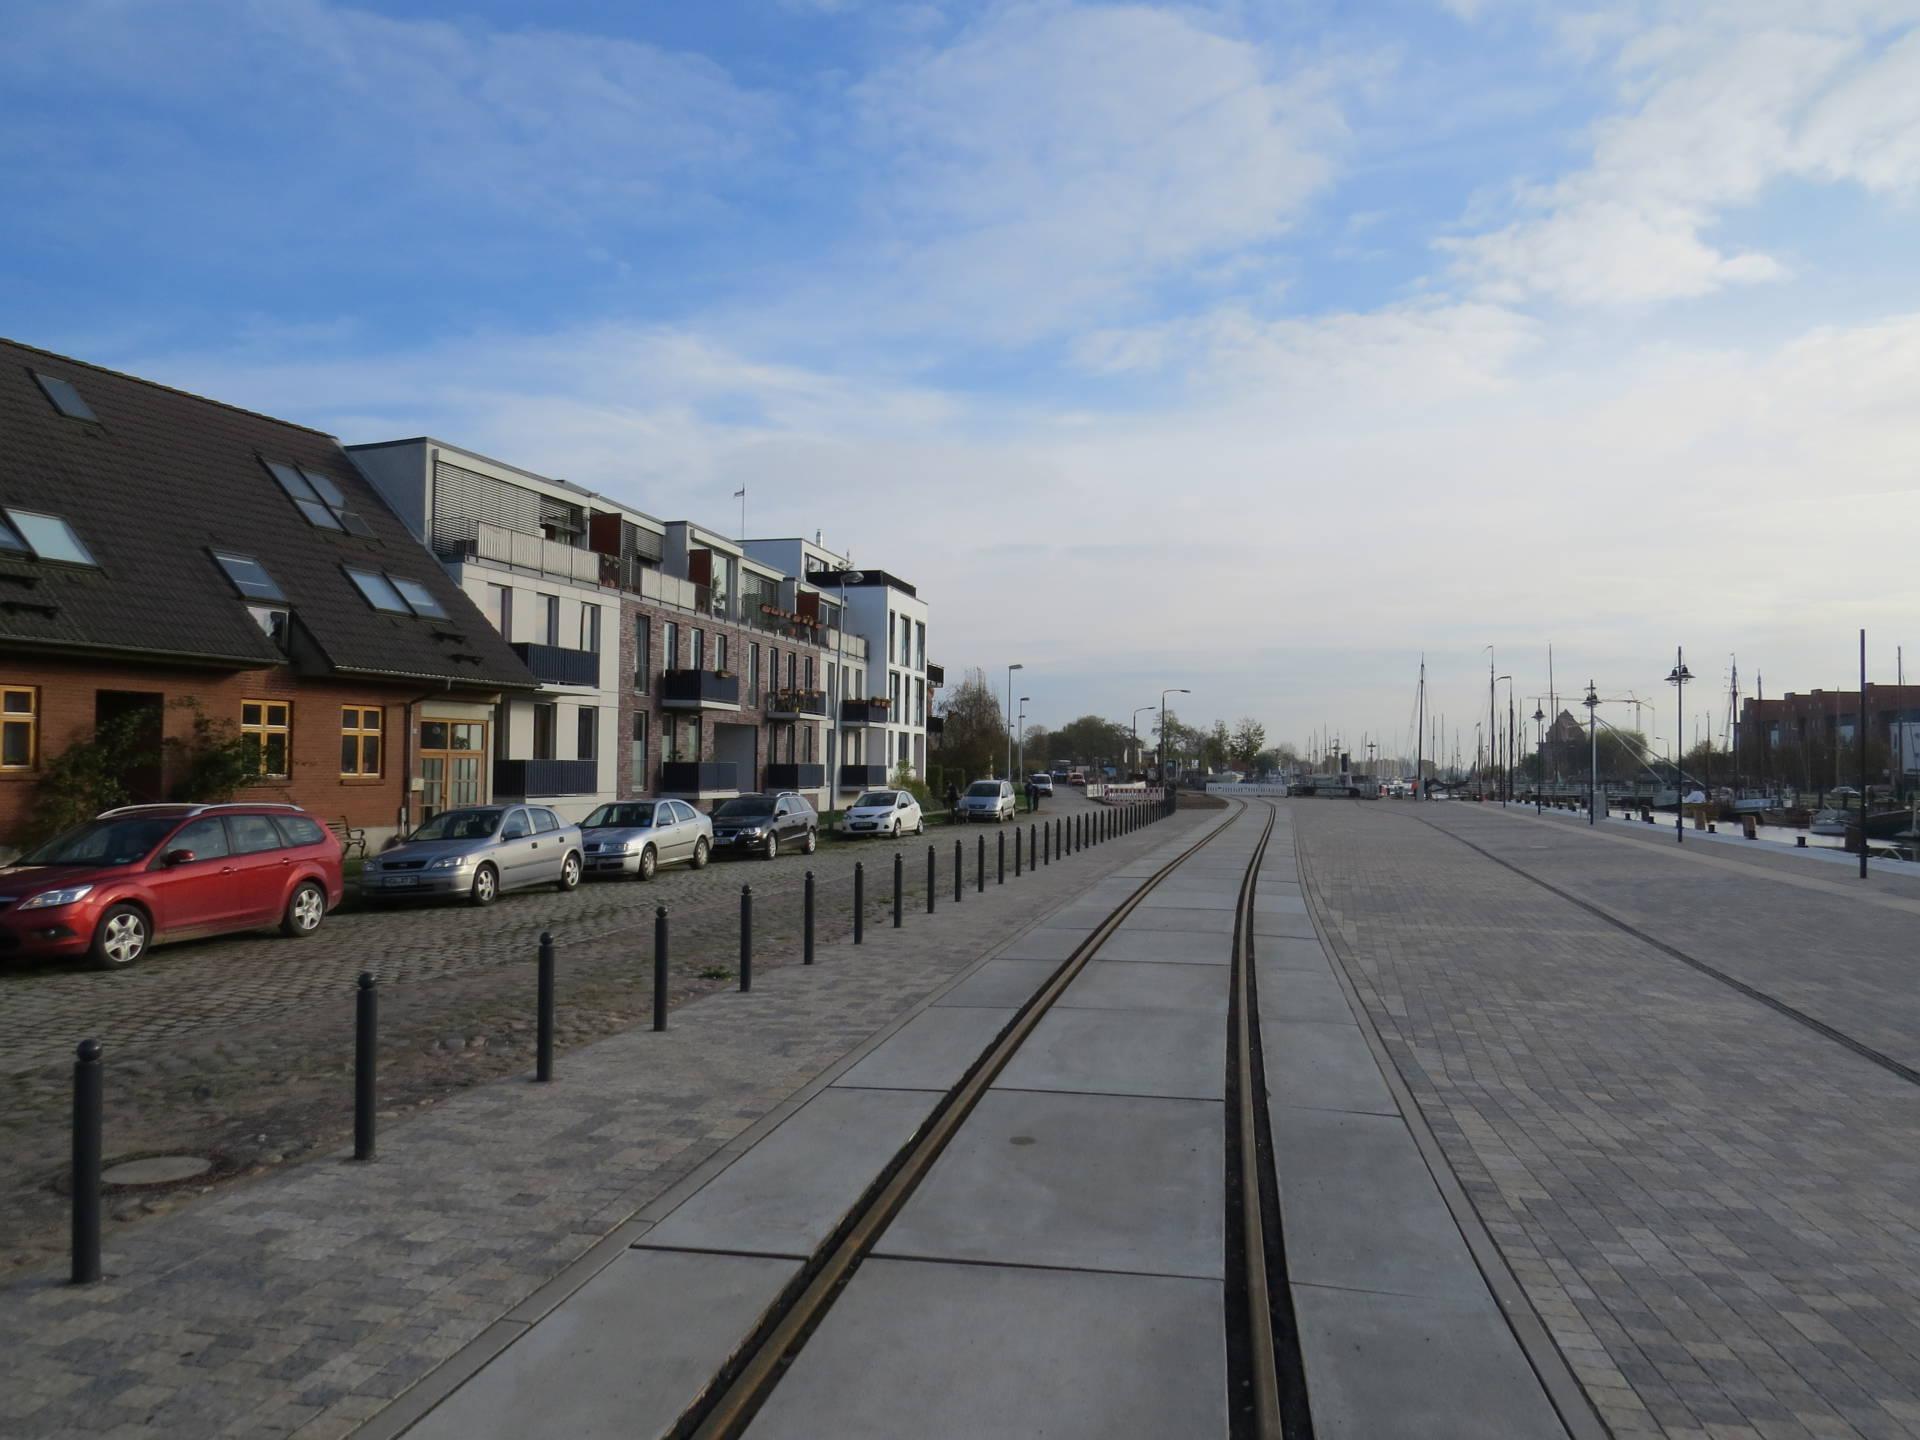 Foto 1 Promenade Museumshafen Greifswald 1 Abschnitt